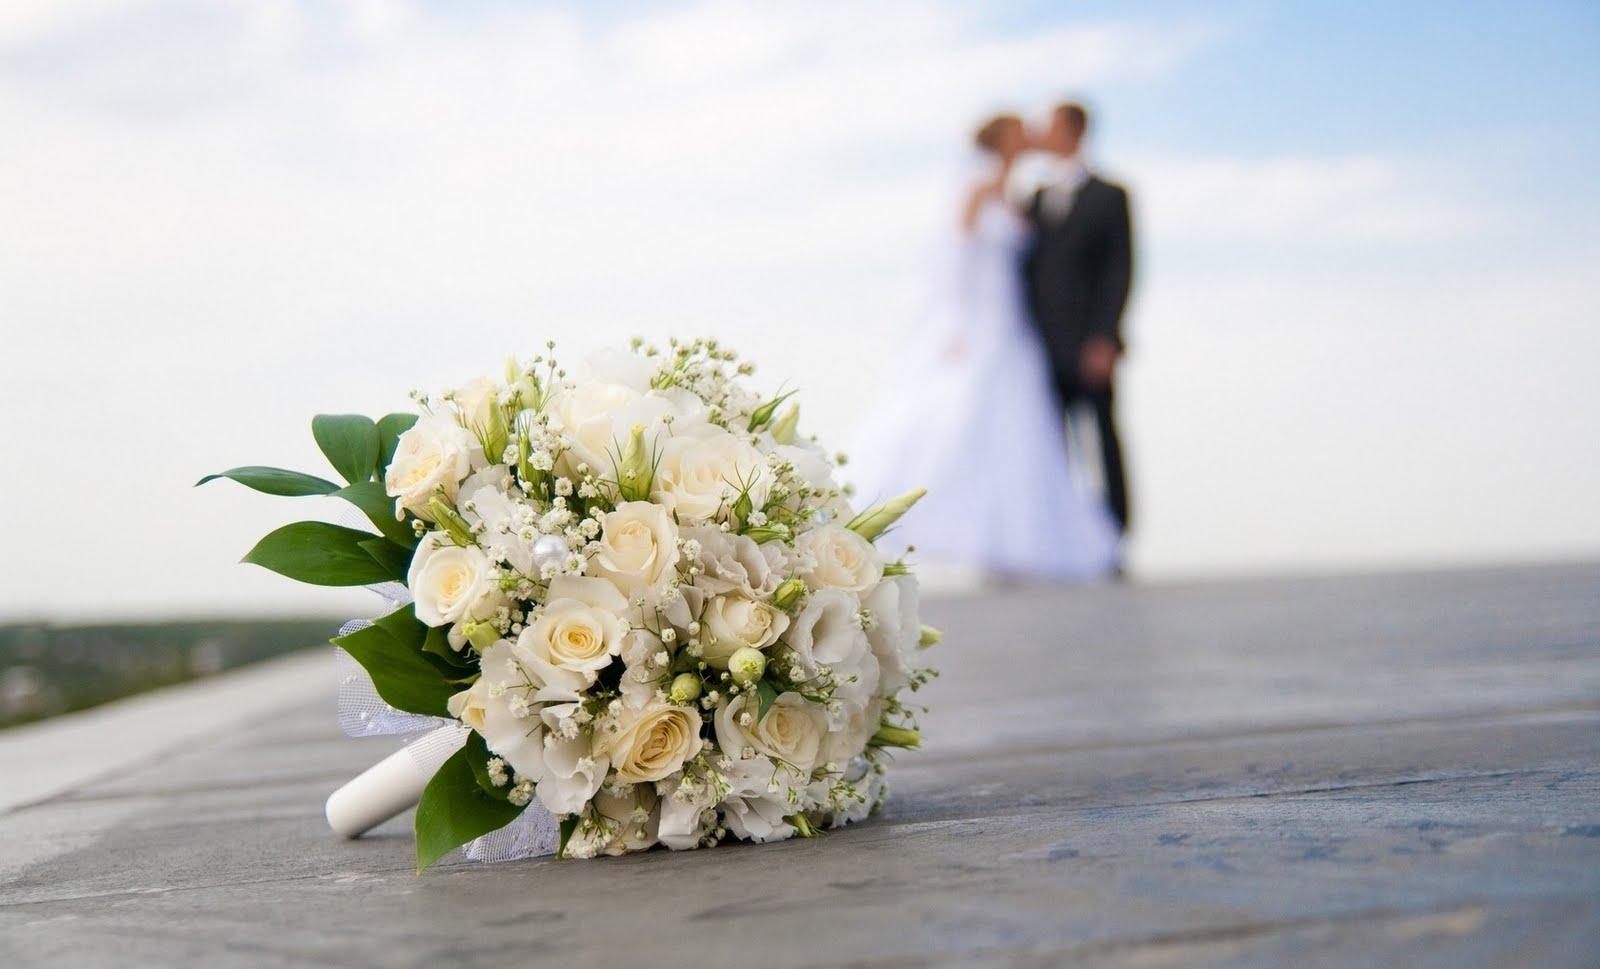 http://1.bp.blogspot.com/-p16NZ2HjTXk/Tp0JZDMehDI/AAAAAAAAAlY/Bho_fexoaeg/s1600/Wedding+Bride+Blur+Bridal+Bouquet+Close+Up+HD+Wallpaper+-+LoveWallpapers4u.Blogspot.Com.jpg